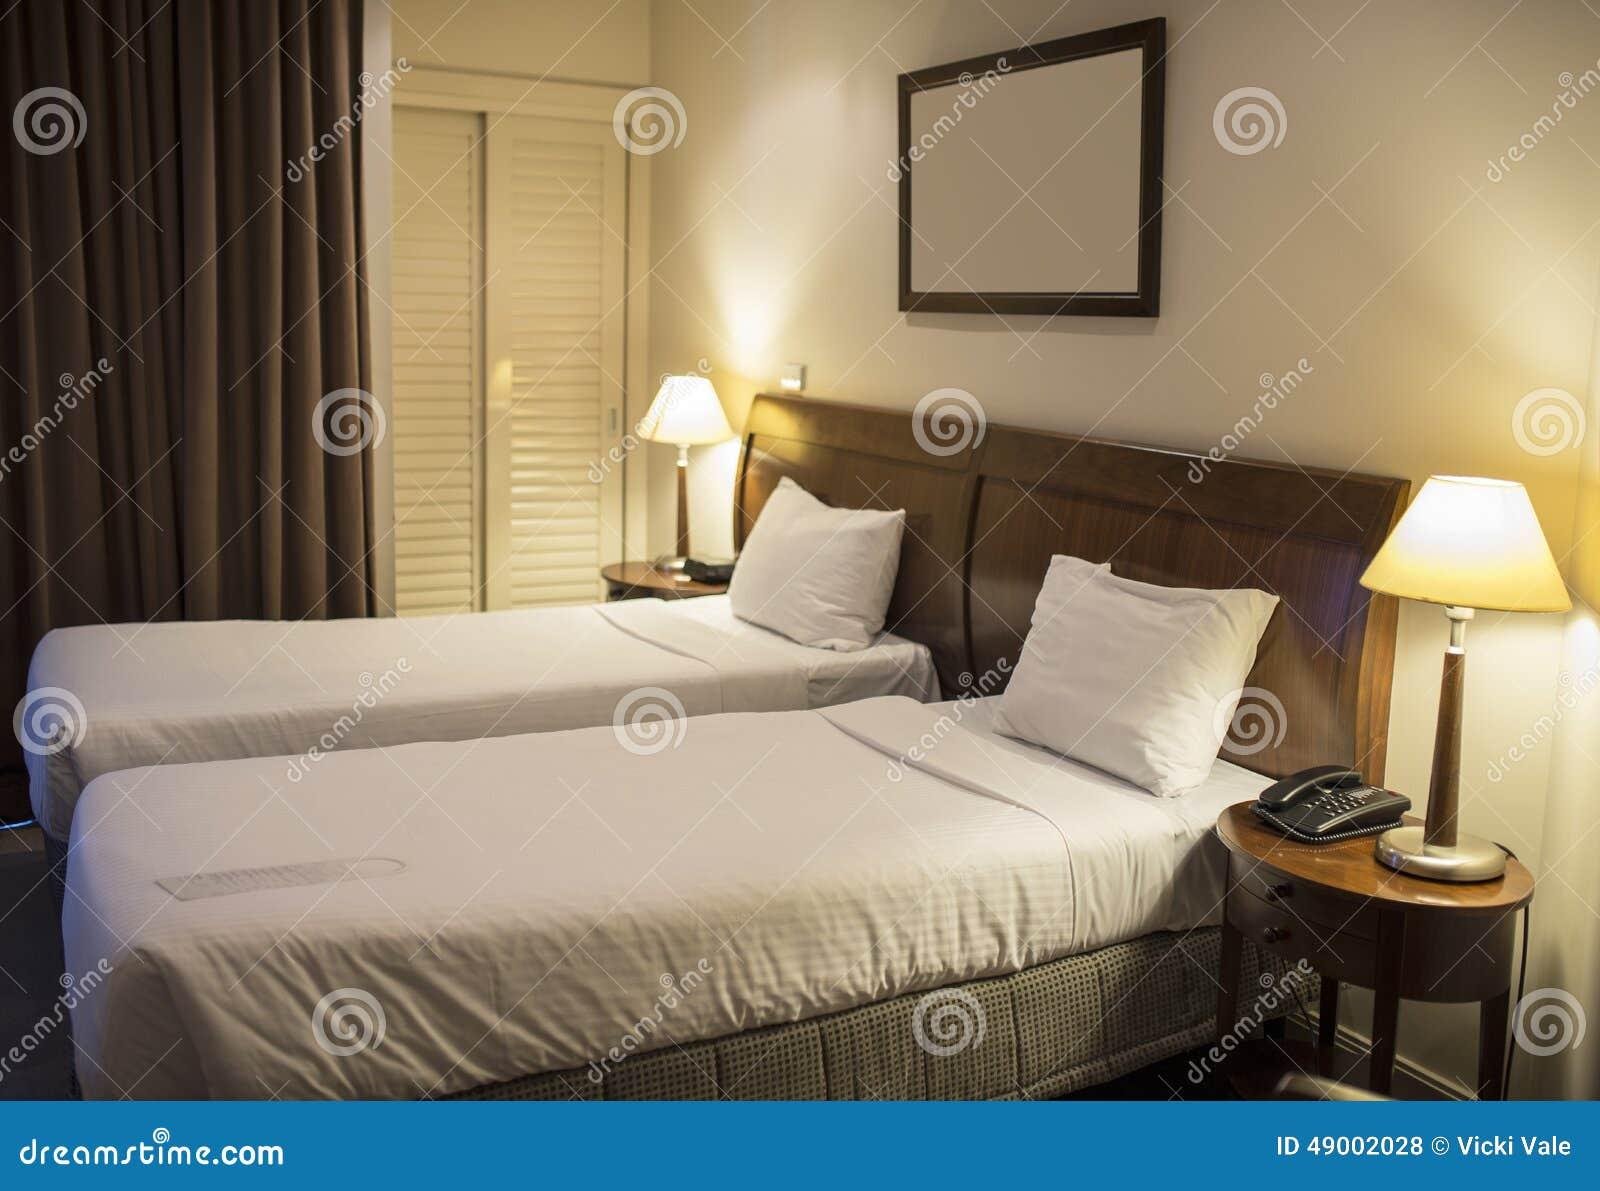 lampe de chevet chambre lampe de chevet des toiles plein. Black Bedroom Furniture Sets. Home Design Ideas